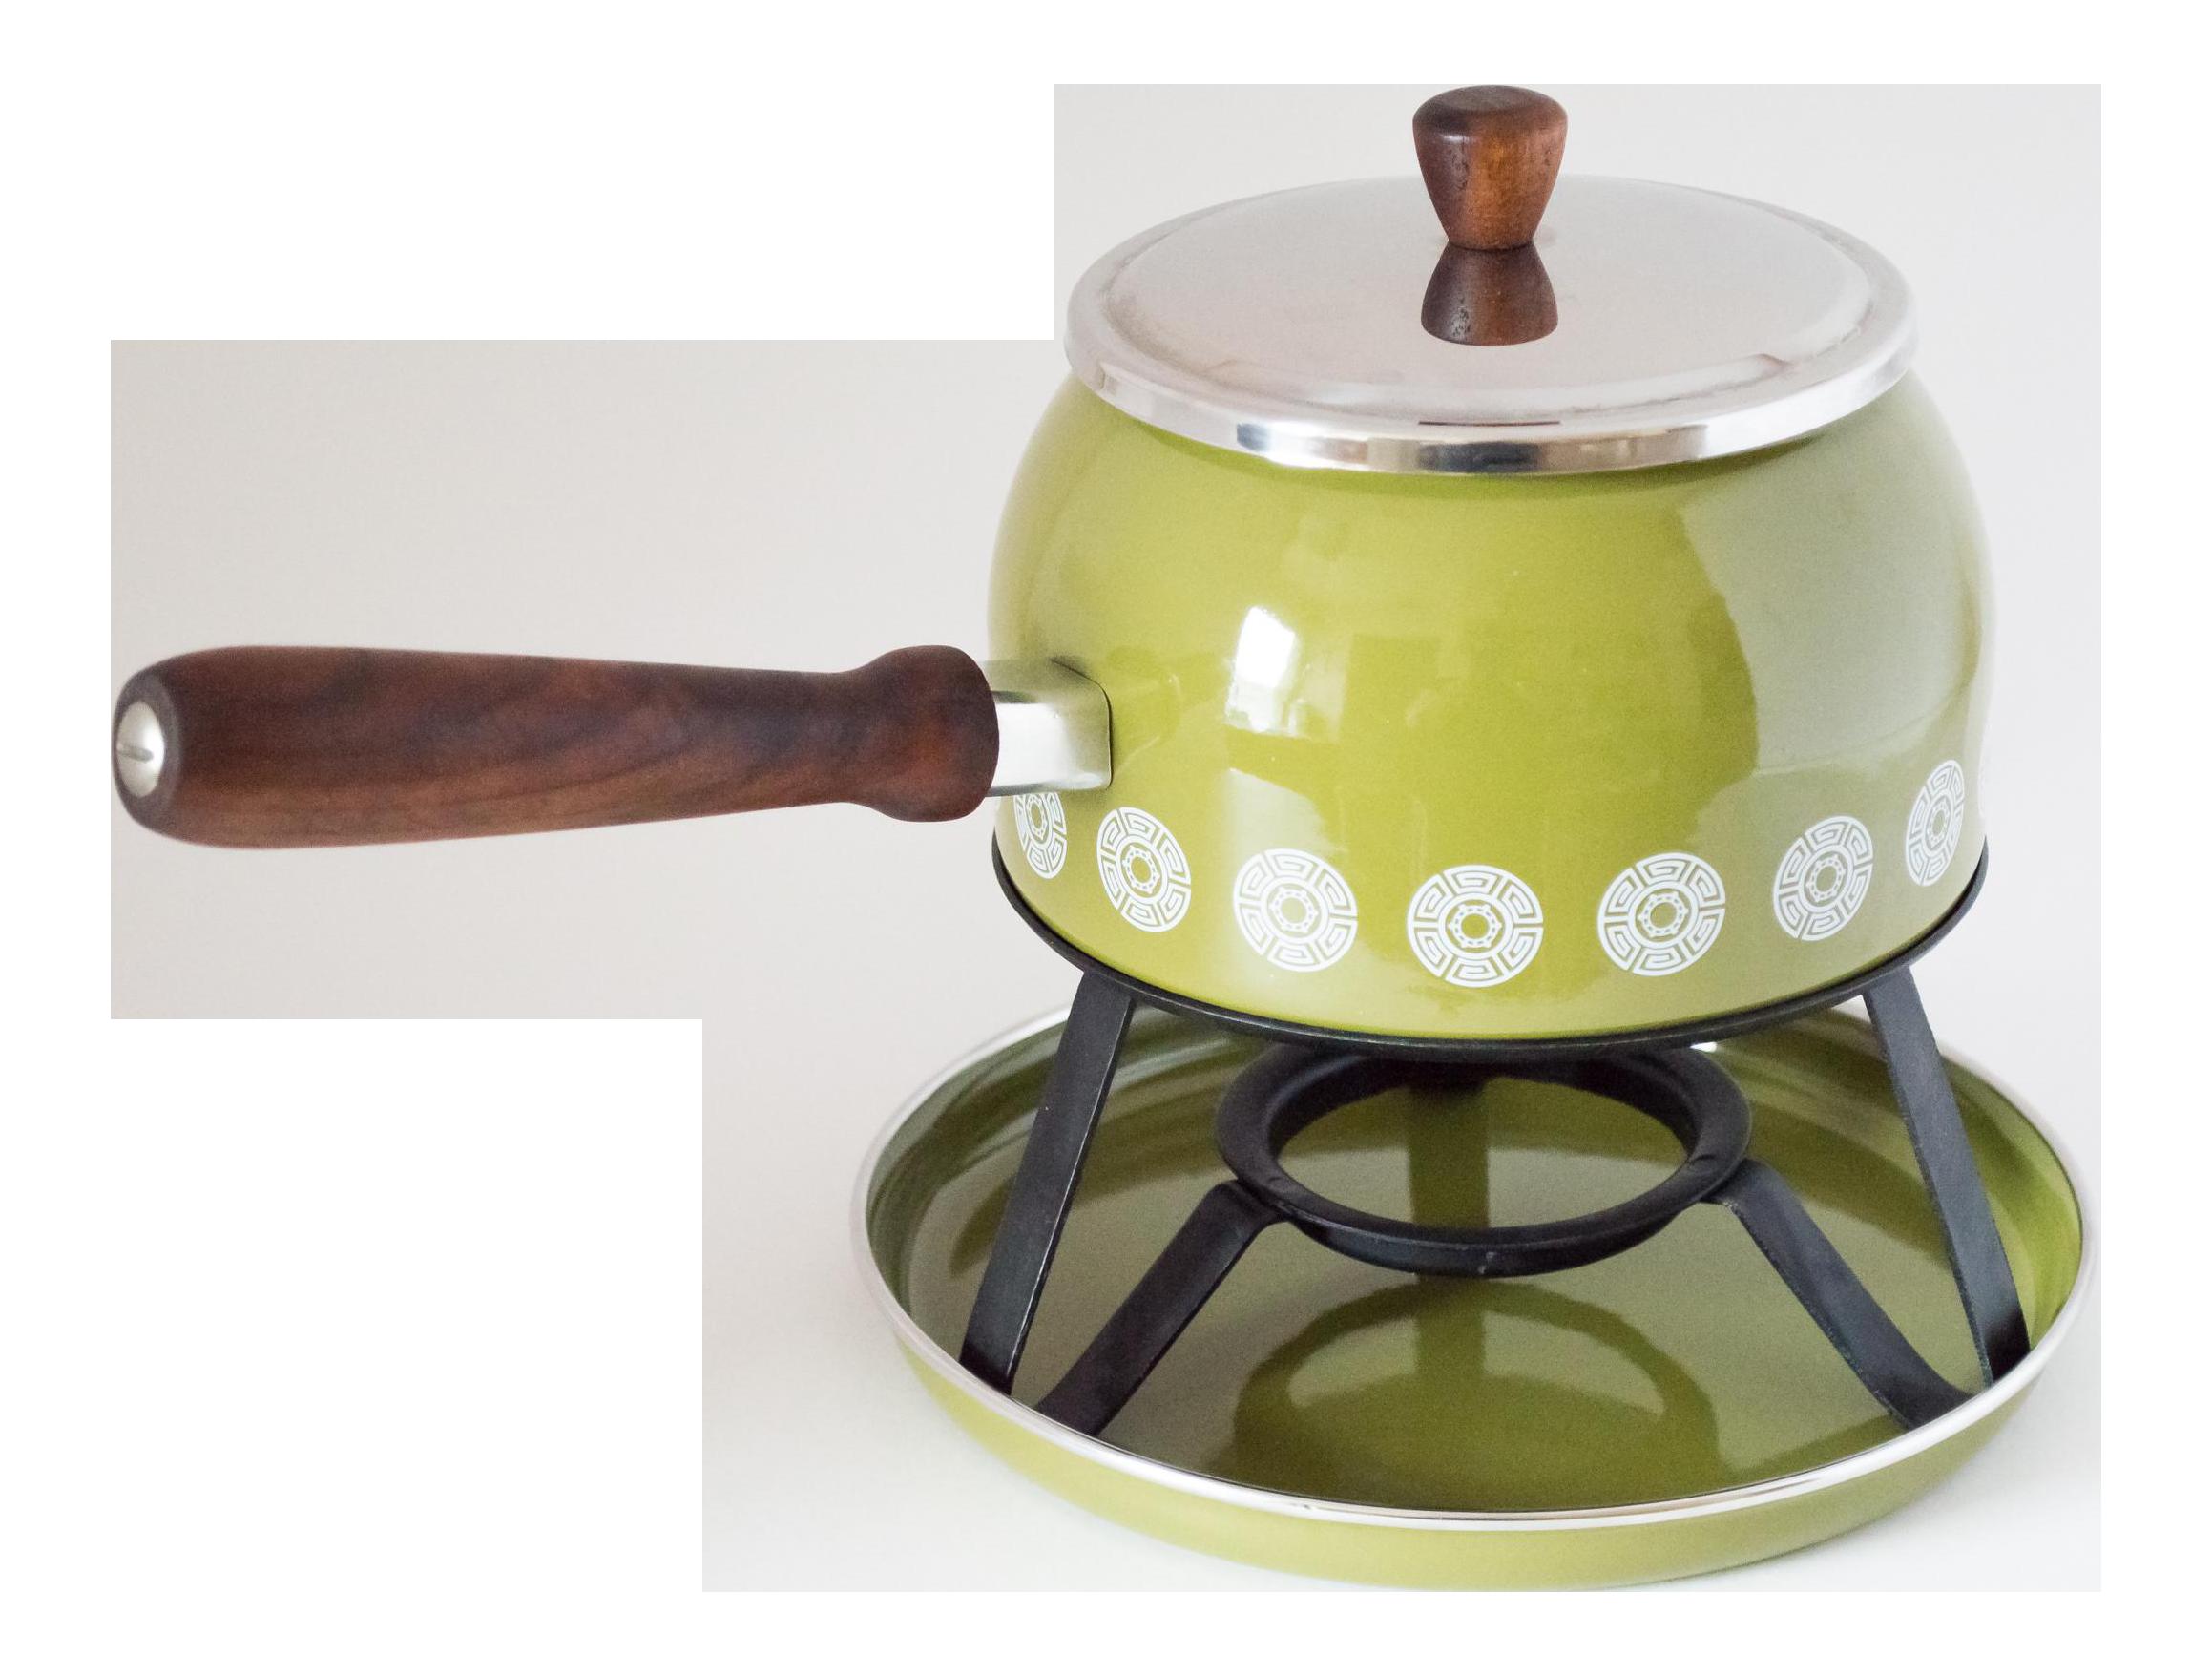 1960s Rostfrei Epicure Fondue Pot